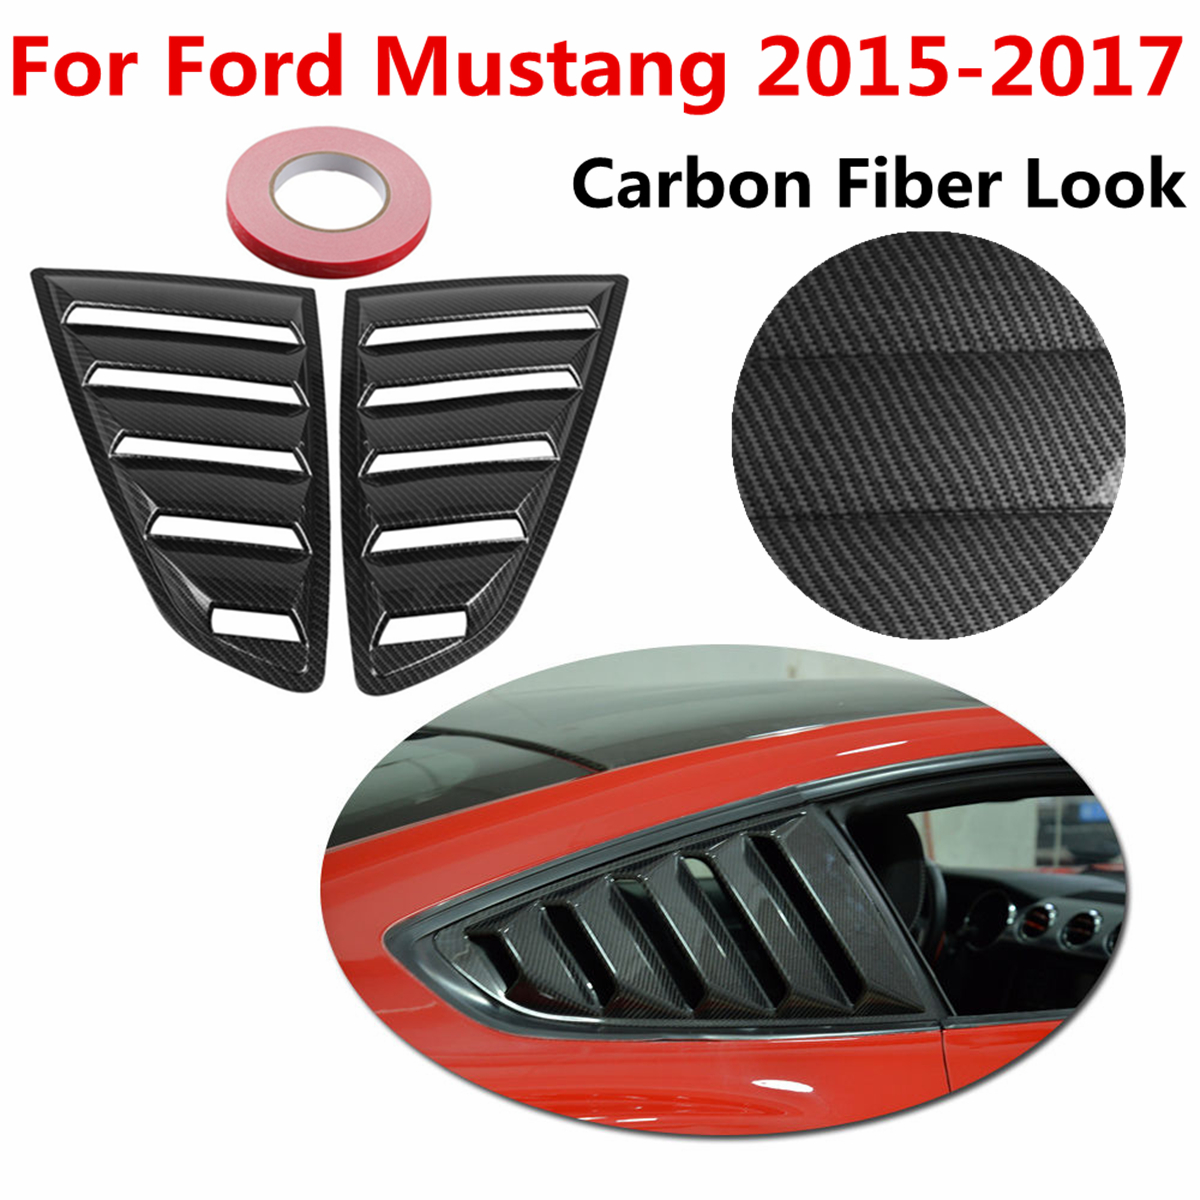 1 Paire De Fiber De Carbone Look Style 1/4 Trimestre Côté Fenêtre Scoop cinq Fente Ouverte Persiennes Cover Vent ABS En Plastique pour Mustang 2015-2017